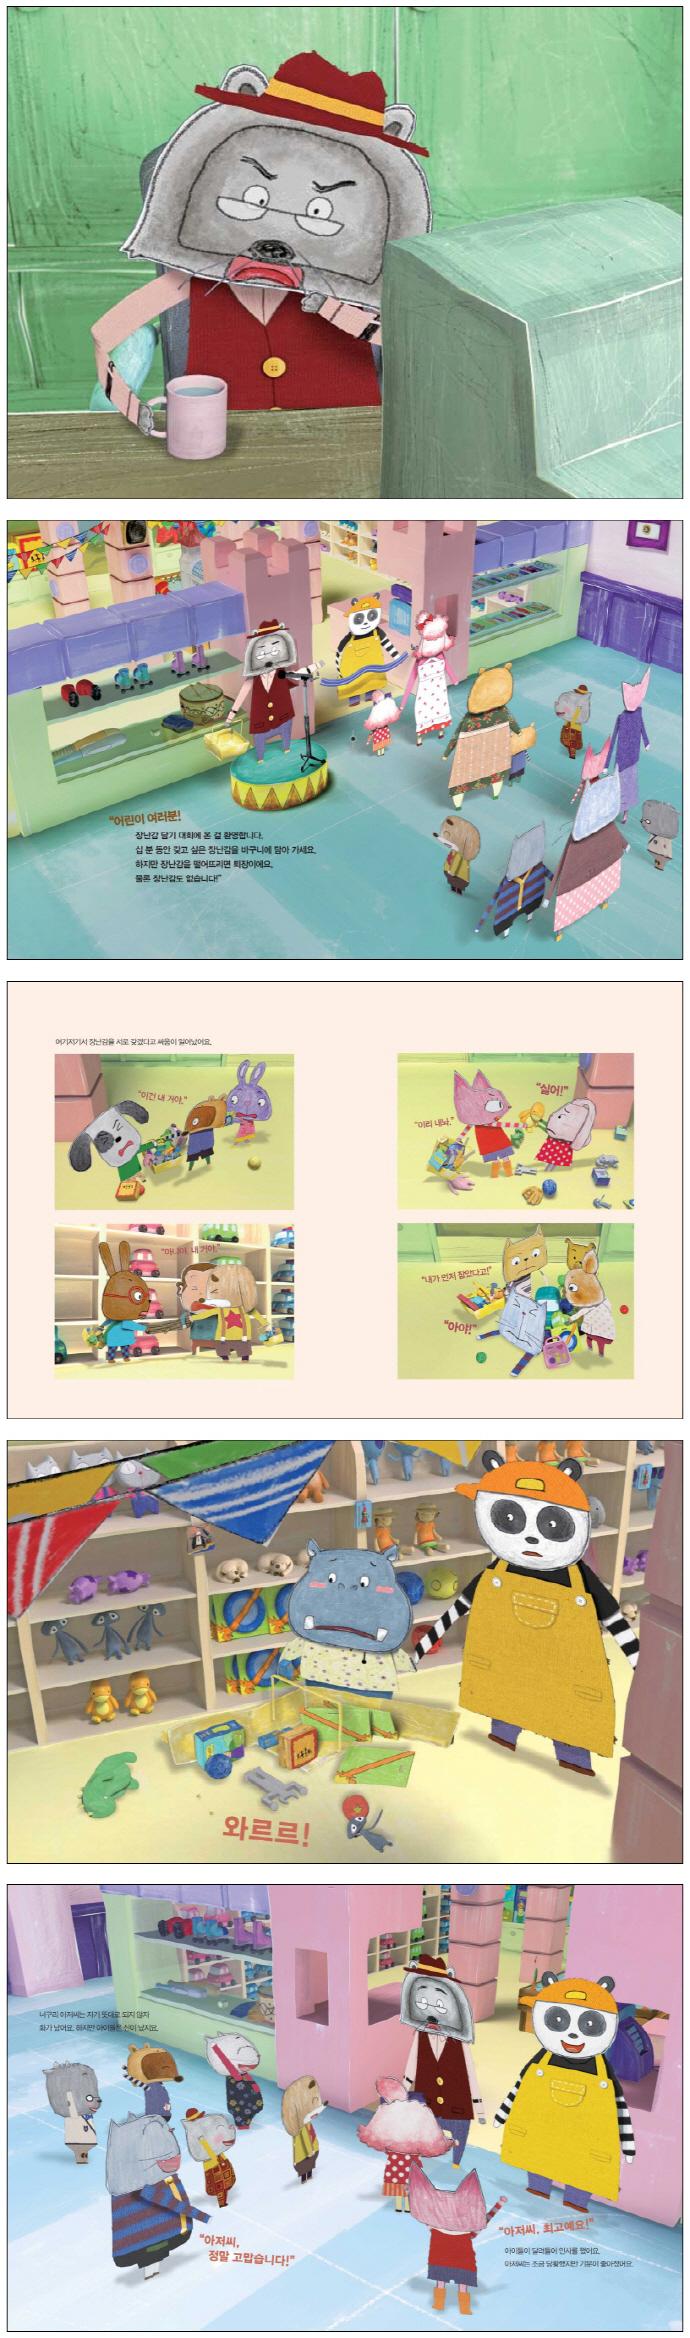 구름빵: 욕심 바구니(구름빵 애니메이션 그림책 9)(양장본 HardCover) 도서 상세이미지